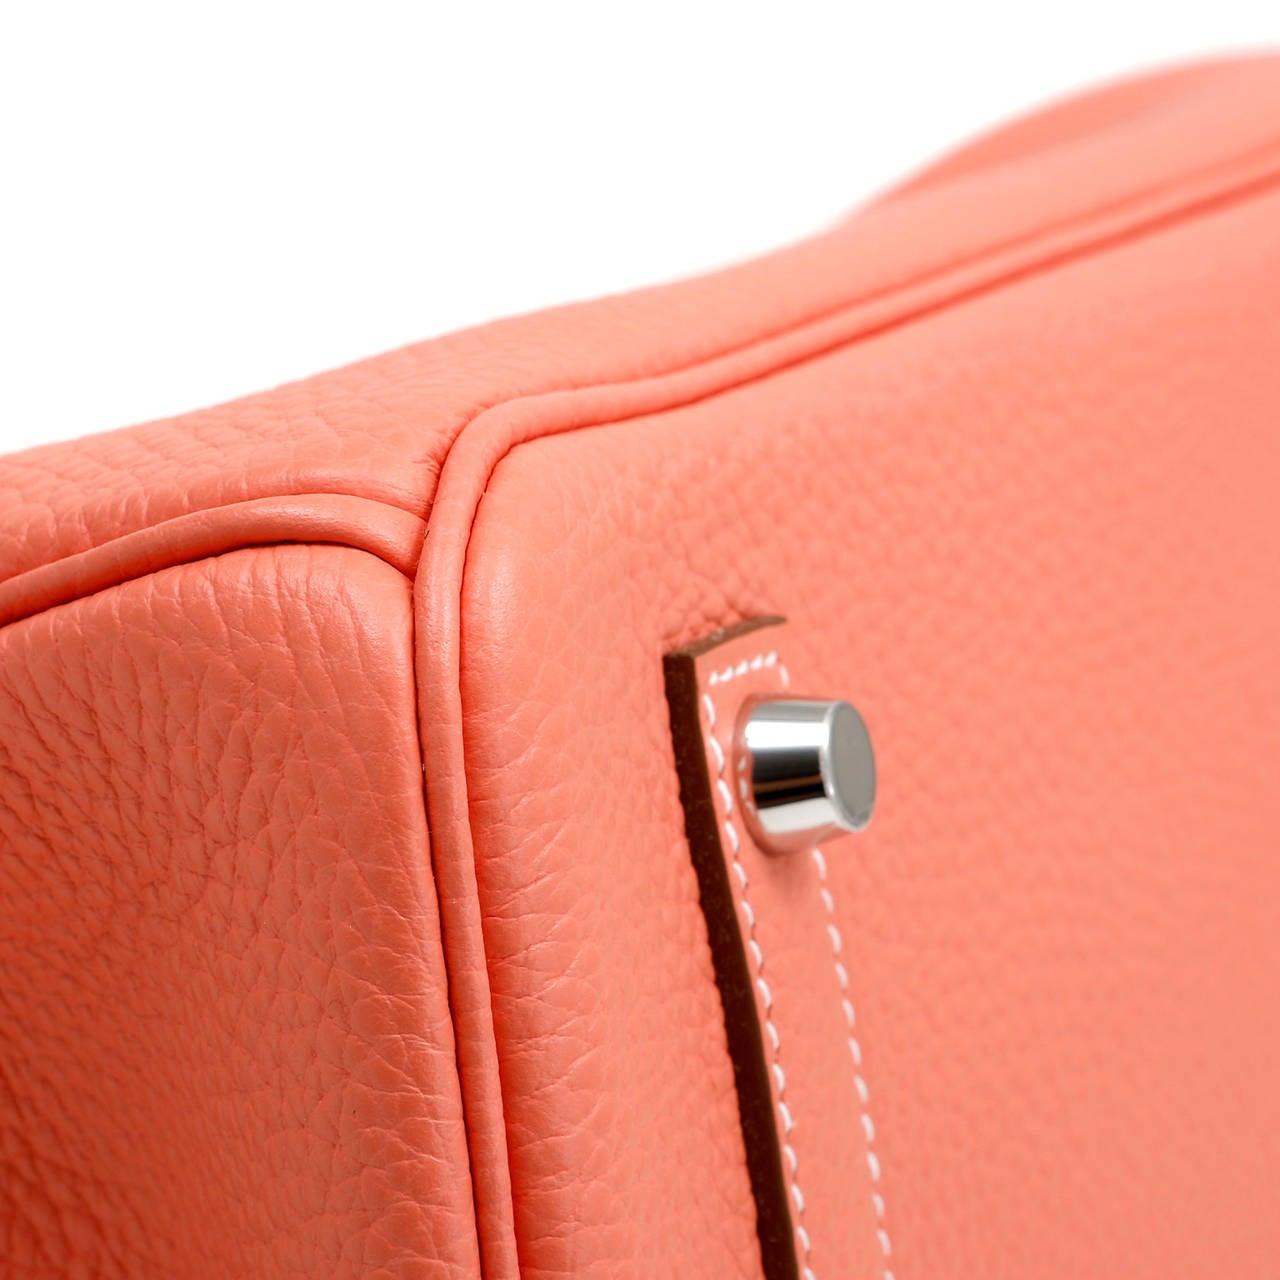 Hermes Crevette Togo 35 cm Birkin Bag- Salmon Pink Color For Sale 2